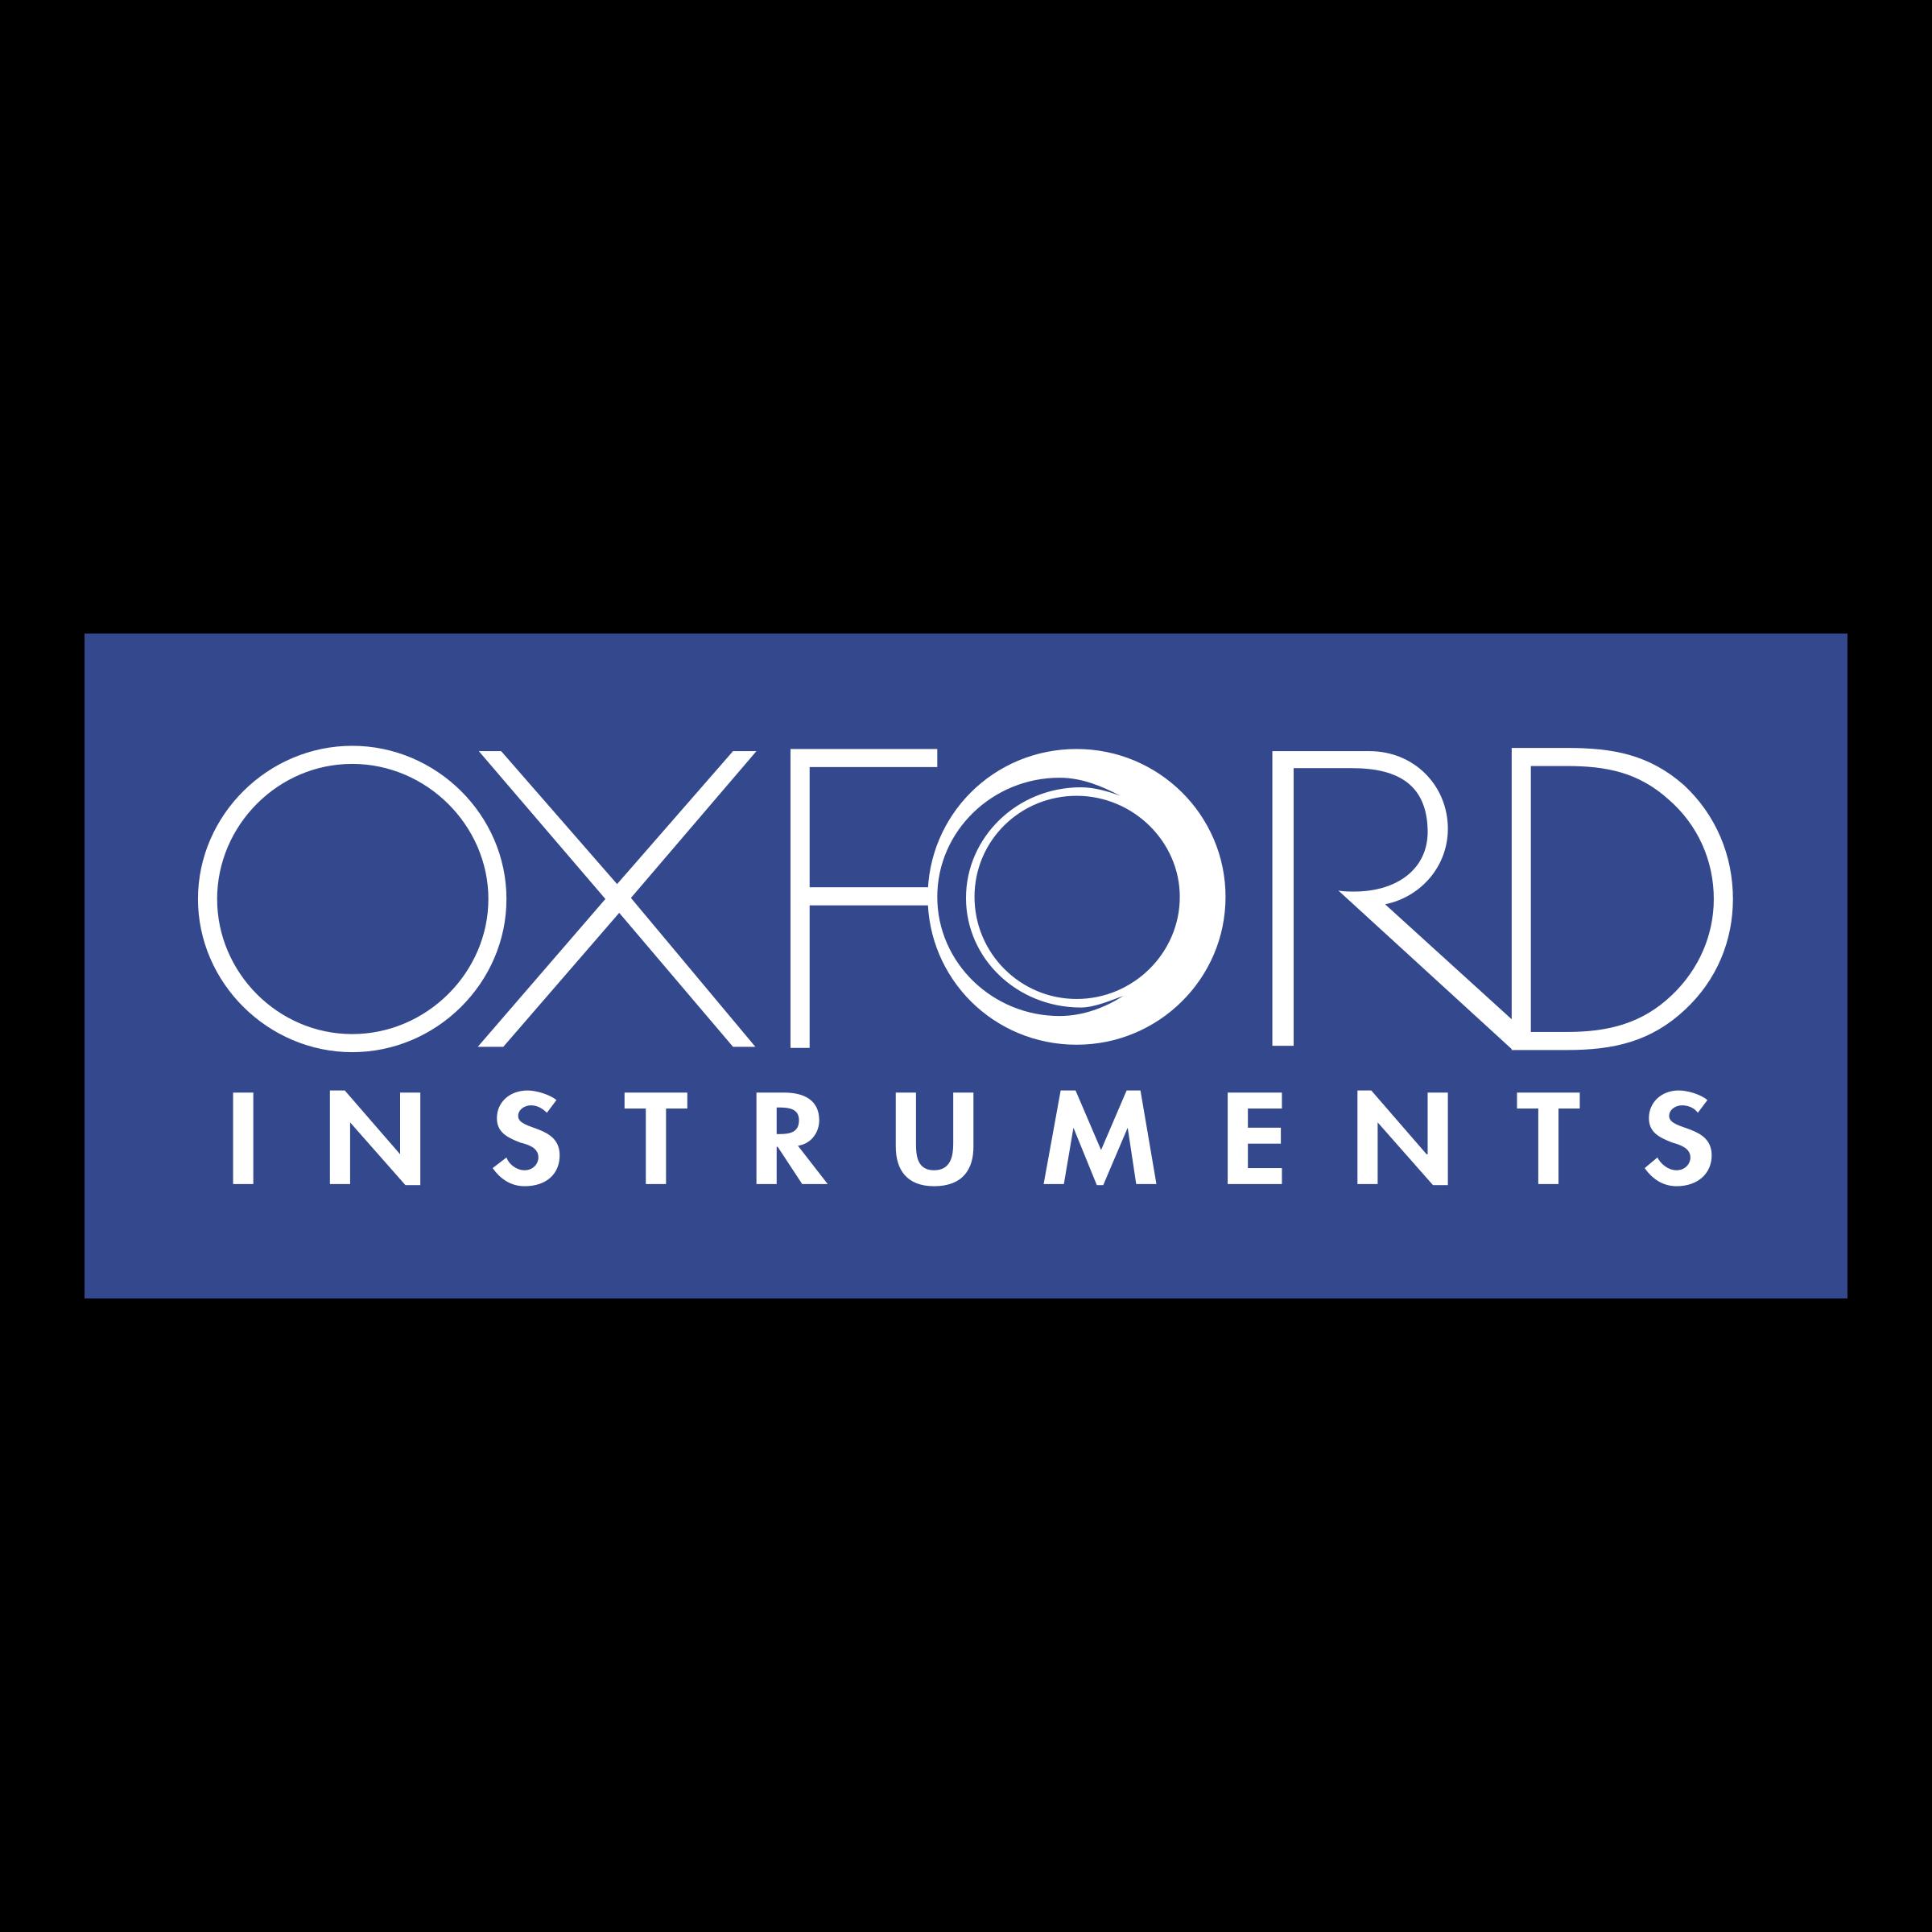 Oxford Instruments Logo PNG Transparent & SVG Vector.